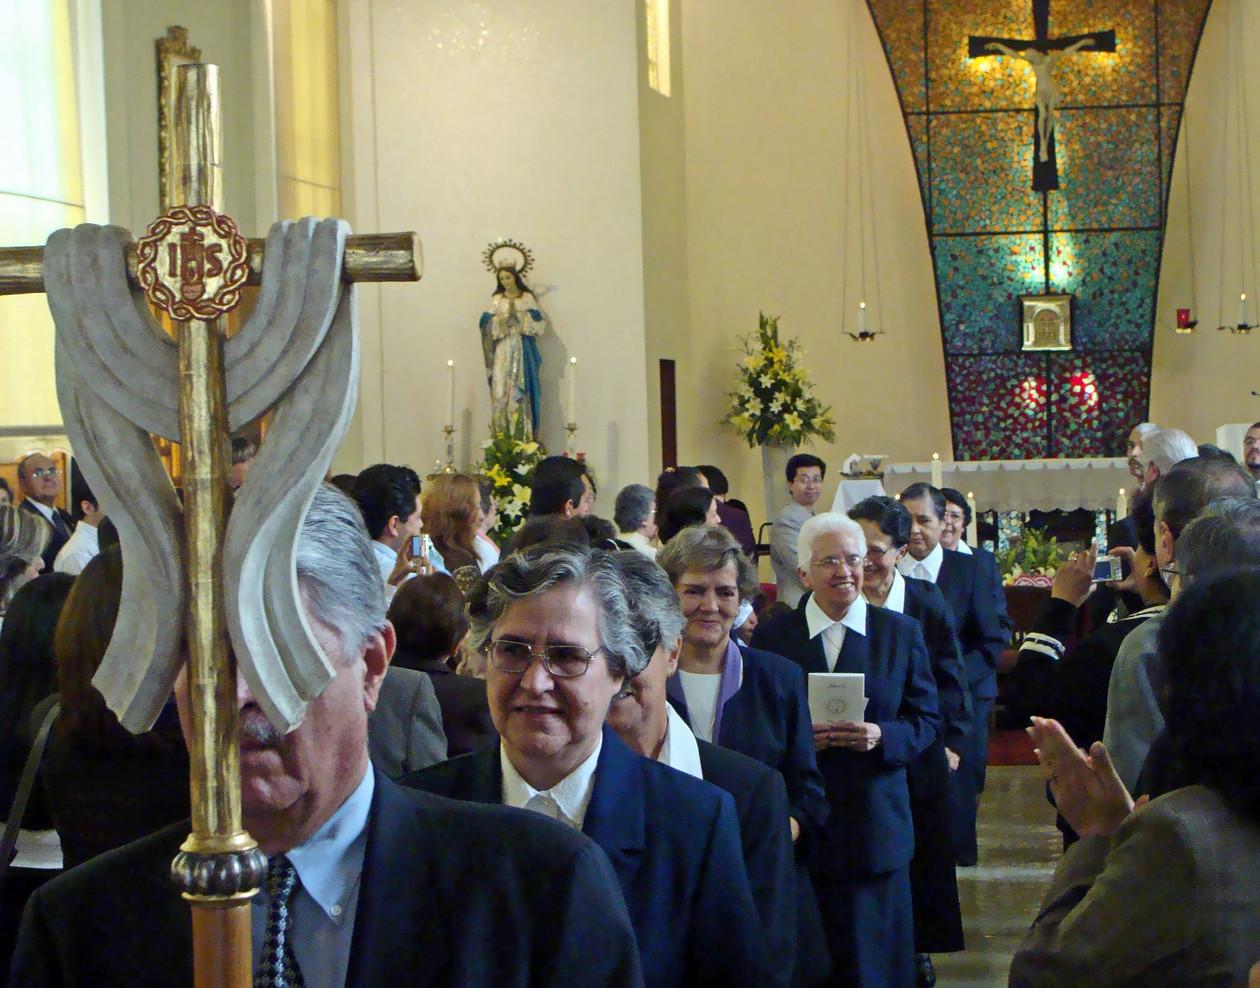 A Jubilee celebration in Mexico in 2009.